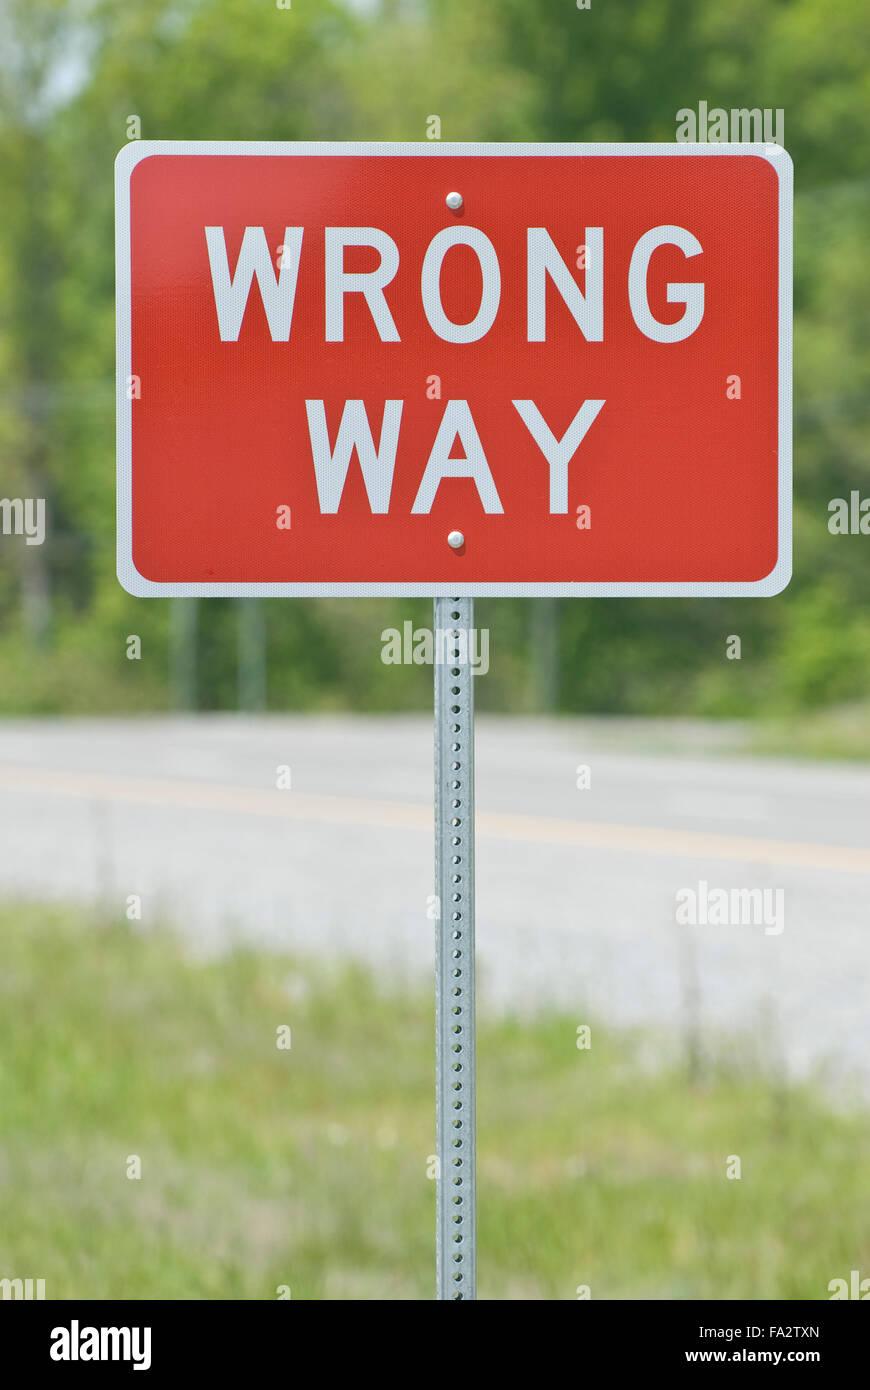 Wrong Way Sign - Stock Image